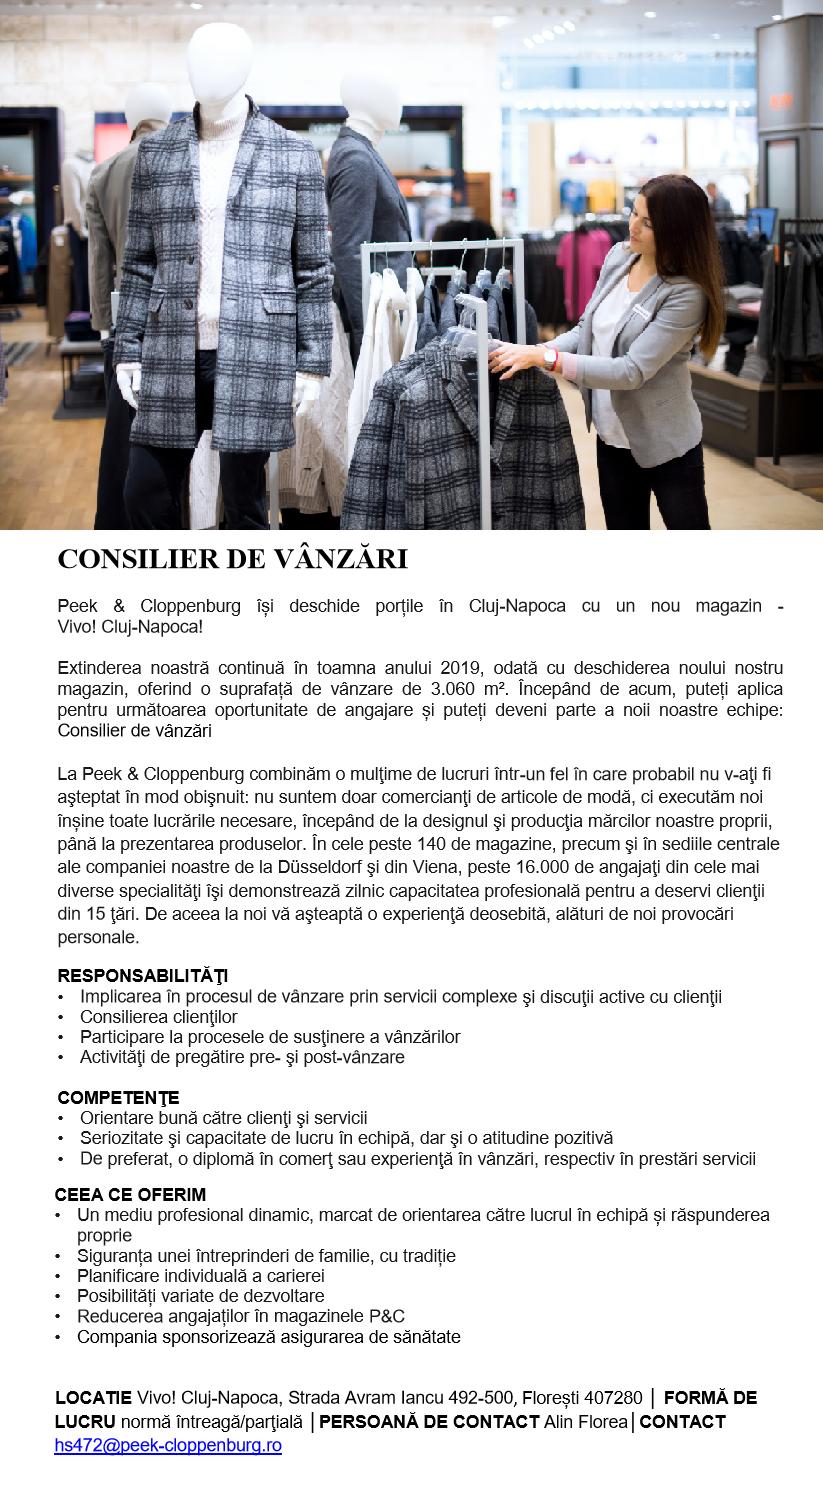 CONSILIER DE VÂNZĂRI  Peek & Cloppenburg își deschide porțile în Cluj-Napoca cu un nou magazin - Vivo! Cluj-Napoca!  Extinderea noastră continuă în toamna anului 2019, odată cu deschiderea noului nostru magazin, oferind o suprafață de vânzare de 3.060 m². Începând de acum, puteți aplica pentru următoarea oportunitate de angajare și puteți deveni parte a noii noastre echipe: Consilier de vânzări  La Peek & Cloppenburg combinăm o mulţime de lucruri într-un fel în care probabil nu v-aţi fi aşteptat în mod obişnuit: nu suntem doar comercianţi de articole de modă, ci executăm noi înșine toate lucrările necesare, începând de la designul şi producţia mărcilor noastre proprii, până la prezentarea produselor. În cele peste 140 de magazine, precum şi în sediile centrale ale companiei noastre de la Düsseldorf şi din Viena, peste 16.000 de angajaţi din cele mai diverse specialităţi îşi demonstrează zilnic capacitatea profesională pentru a deservi clienţii din 15 ţări. De aceea la noi vă aşteaptă o experienţă deosebită, alături de noi provocări personale. RESPONSABILITĂŢI Implicarea în procesul de vânzare prin servicii complexe şi discuţii active cu clienţii Consilierea clienţilor Participare la procesele de susţinere a vânzărilor Activităţi de pregătire pre- şi post-vânzare COMPETENŢE Orientare bună către clienţi şi servicii Seriozitate şi capacitate de lucru în echipă, dar şi o atitudine pozitivă De preferat, o diplomă în comerţ sau experienţă în vânzări, respectiv în prestări servicii CEEA CE OFERIM Un mediu profesional dinamic, marcat de orientarea către lucrul în echipă și răspunderea proprie Siguranța unei întreprinderi de familie, cu tradiție Planificare individuală a carierei Posibilități variate de dezvoltare Reducerea angajaților în magazinele P&C Compania sponsorizează asigurarea de sănătate  LOCATIE Vivo! Cluj-Napoca, Strada Avram Iancu 492-500, Florești 407280 │ FORMĂ DE LUCRU normă întreagă/parţială │PERSOANĂ DE CONTACT Alin Florea│CONTACT hs472@peek-cloppenburg.ro